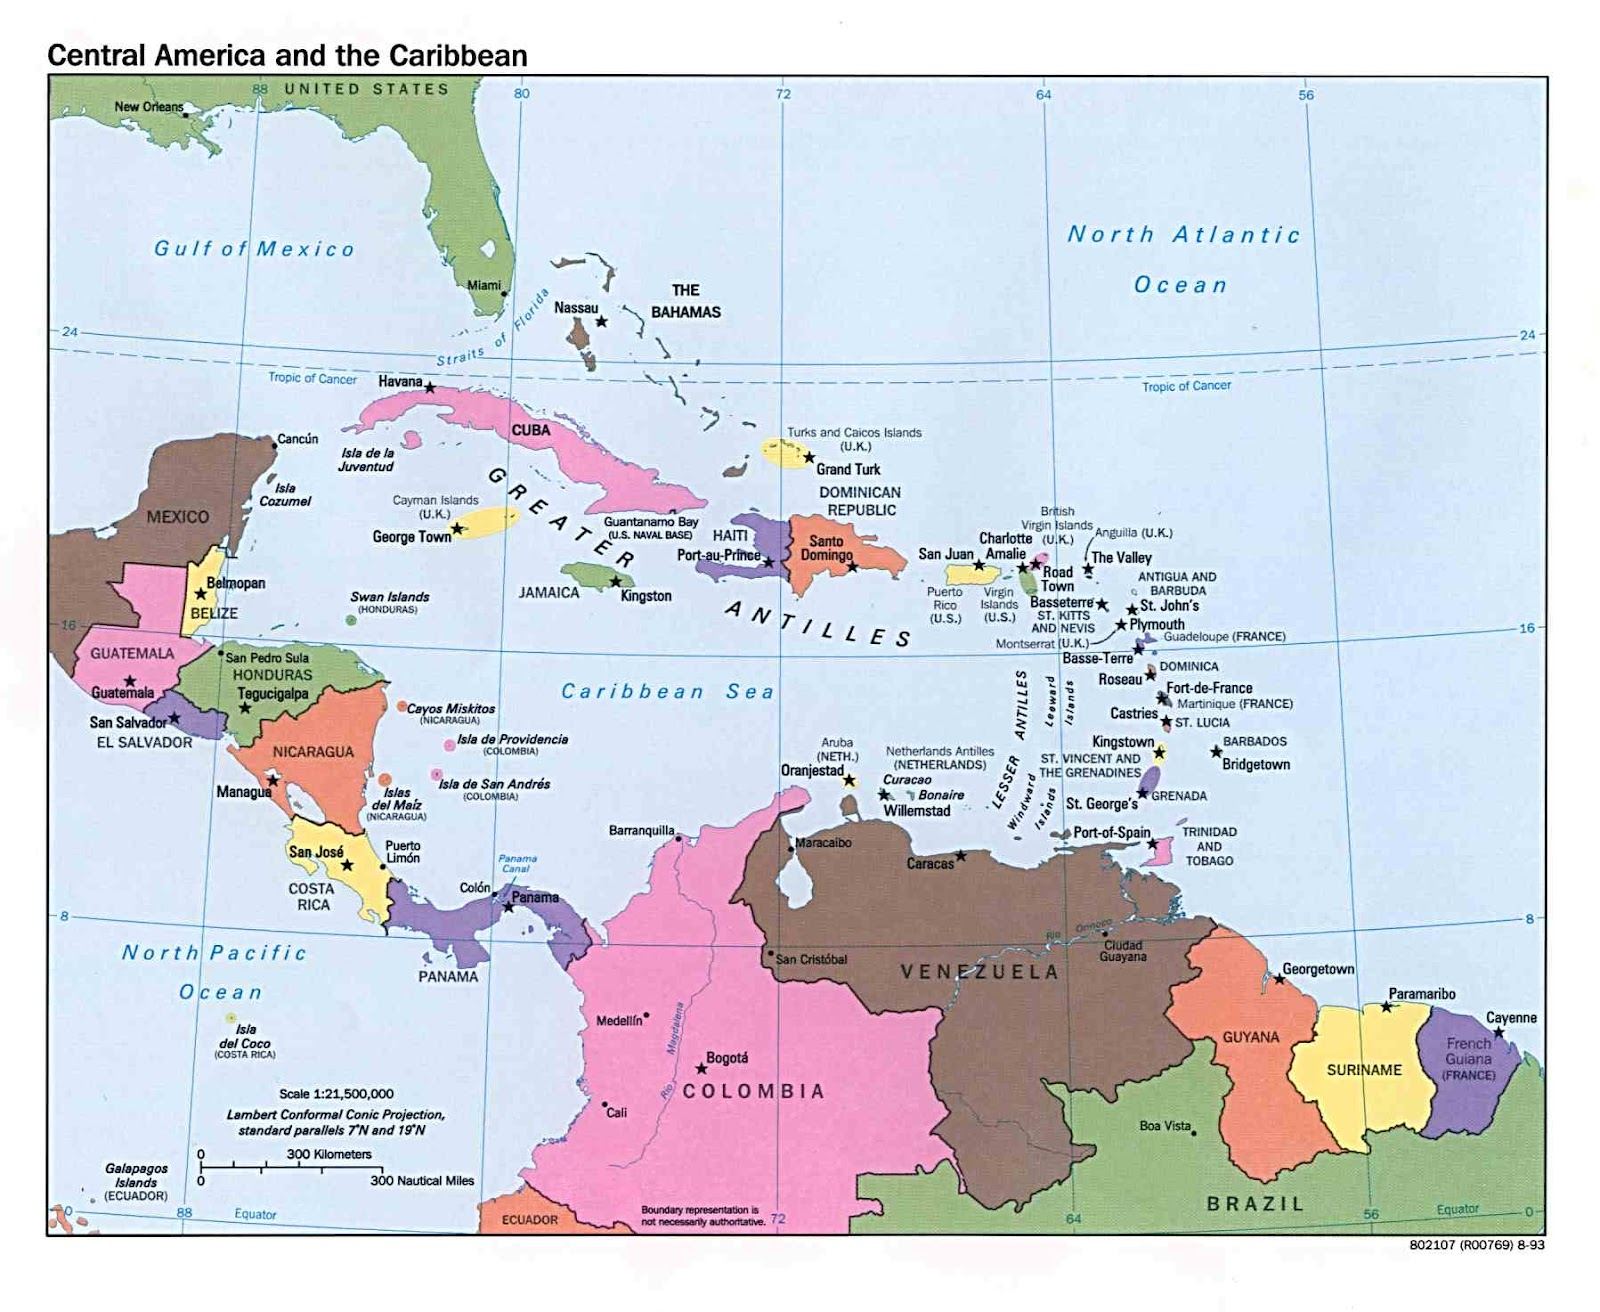 Politische Landkarte Der Karibik Und Mittelamerika 1993 Englisch